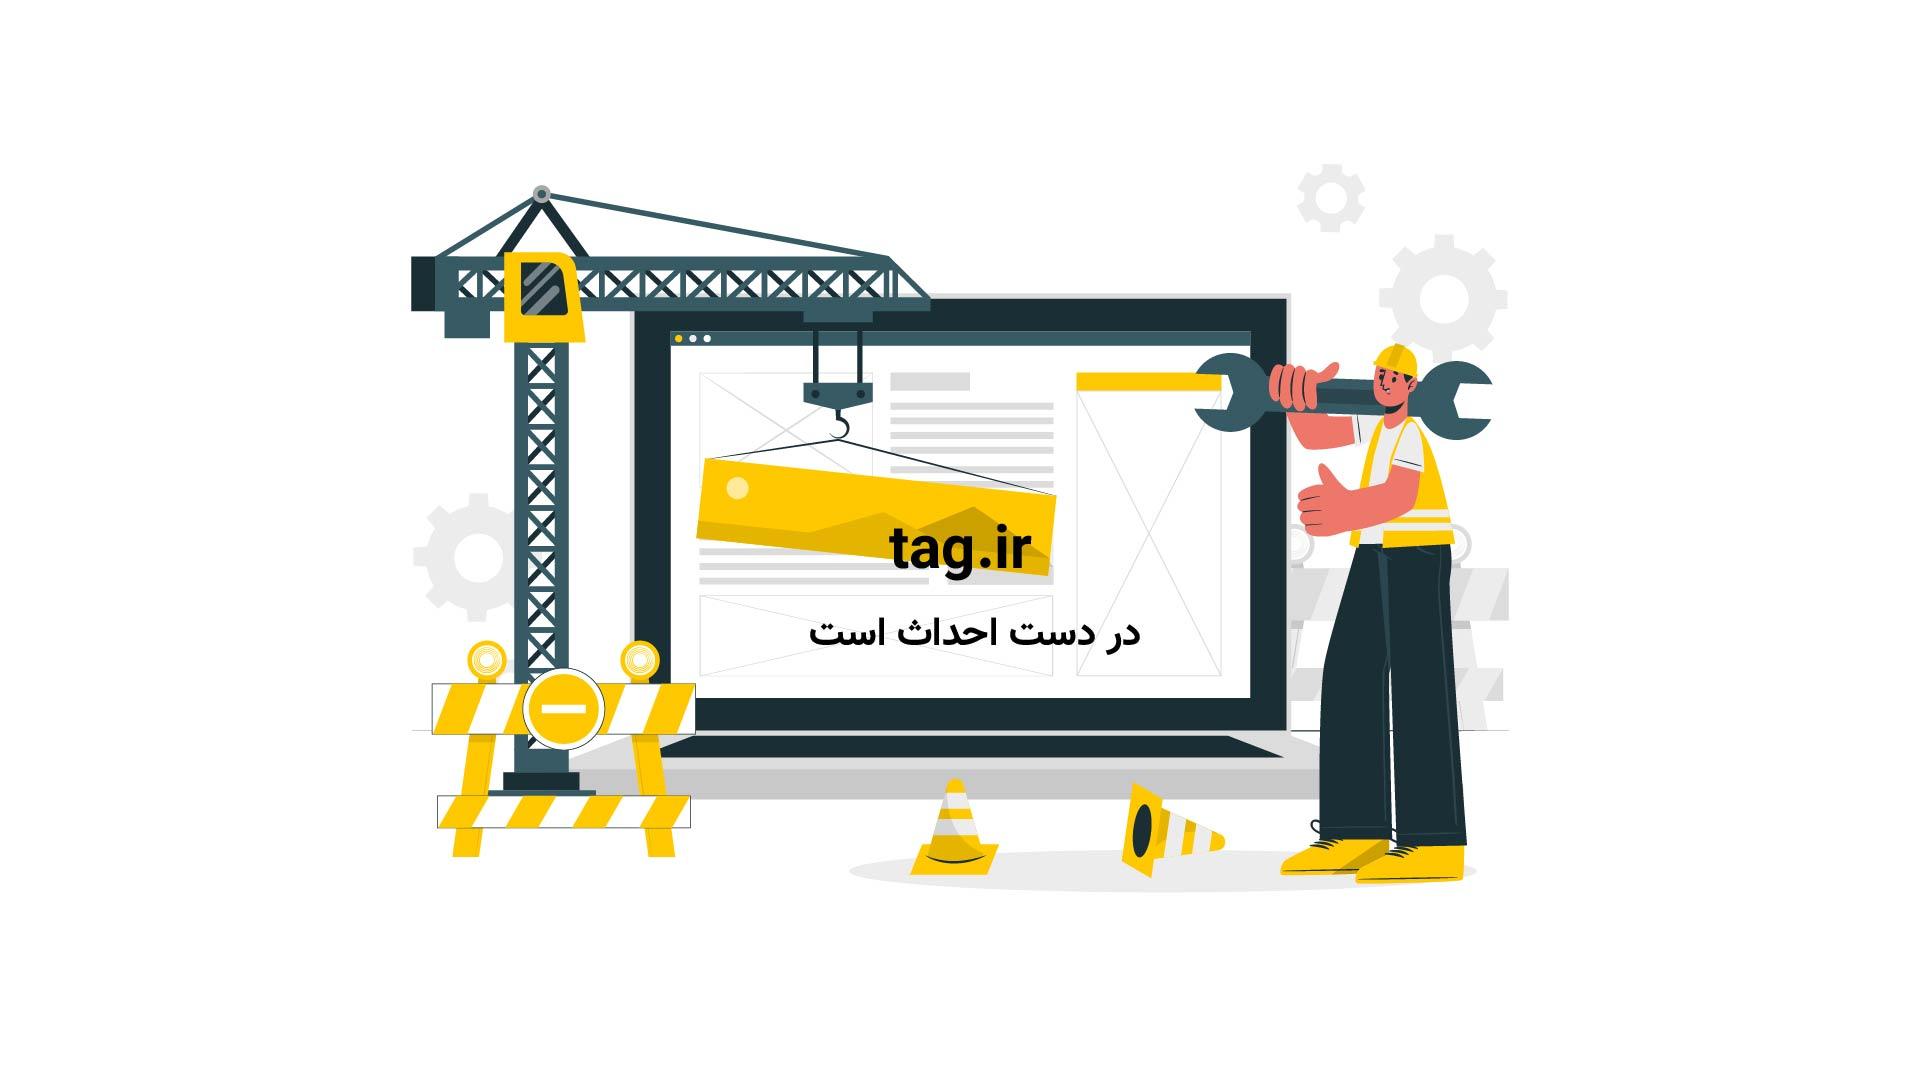 پیام ویدیویی سکنه ایستگاه فضایی بینالمللی برای کریسمس و سال نو میلادی | فیلم